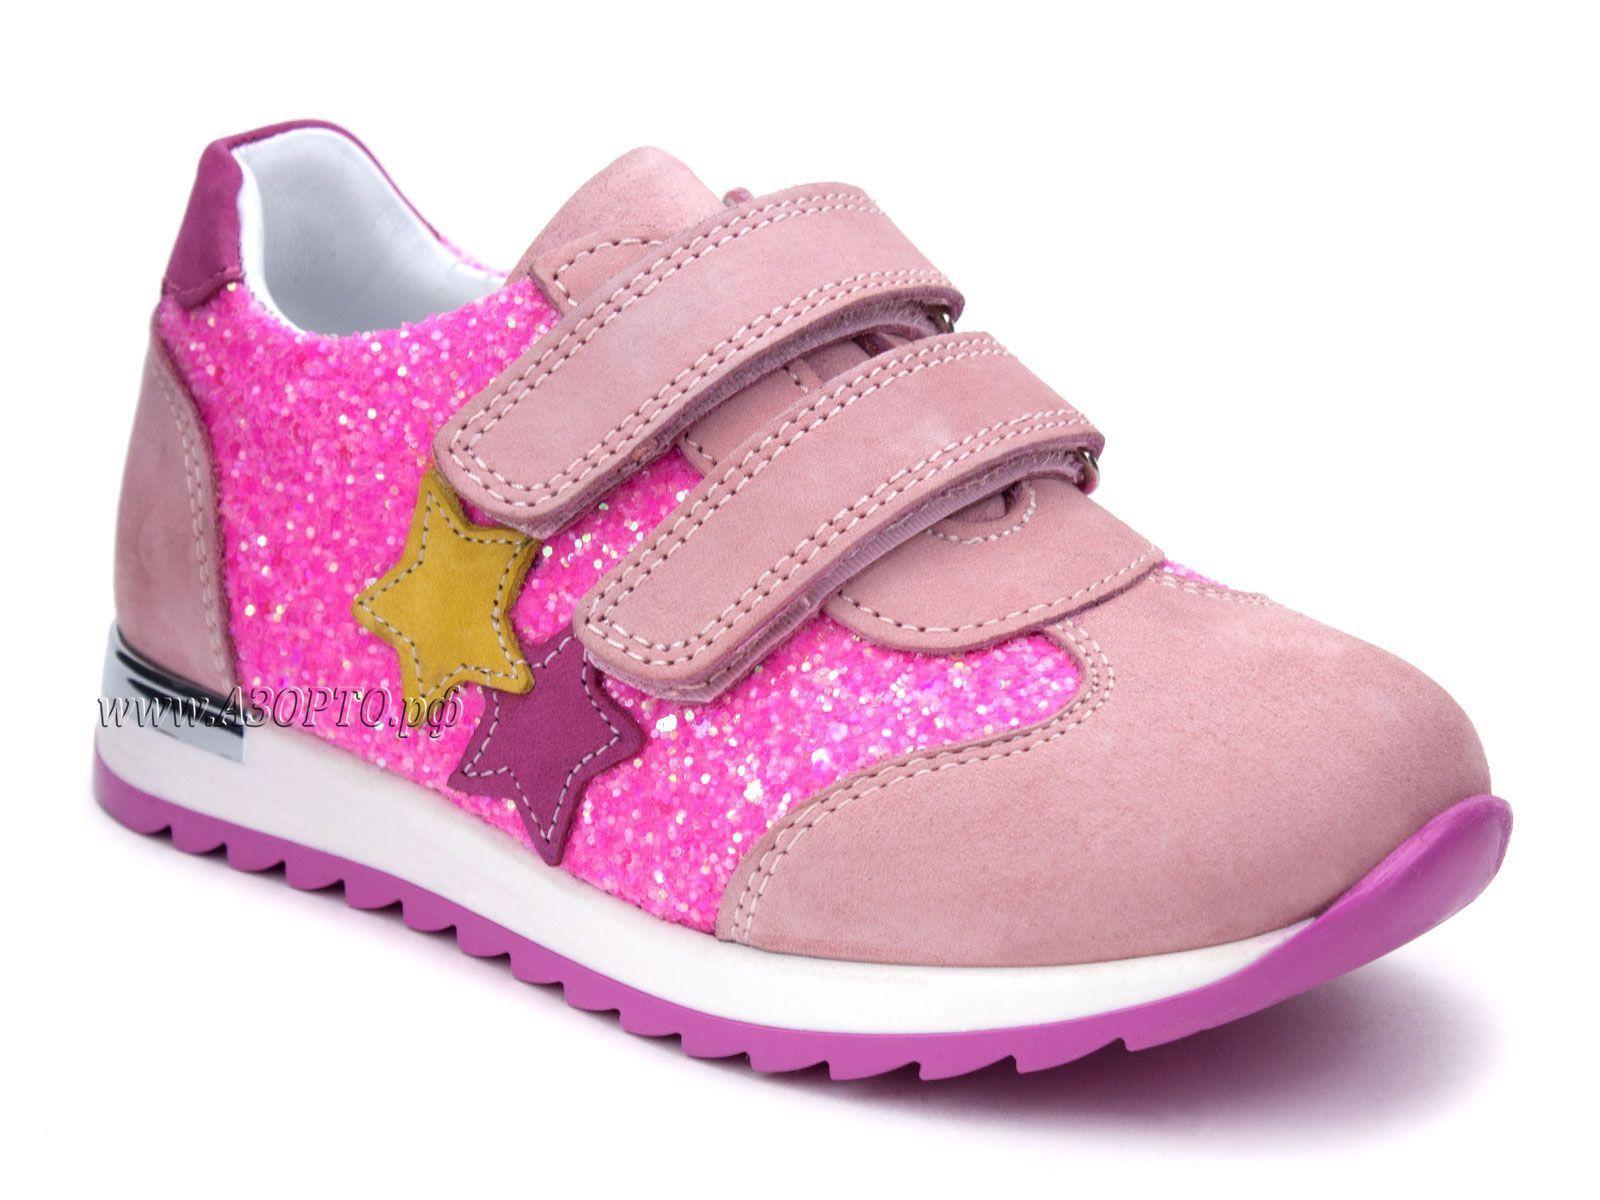 2d879403 1006-03 (26-30) Миннокидс (Minno Kids), кроссовки детские ортопедические  профилактические, нубук, кожа, розовый, желтый